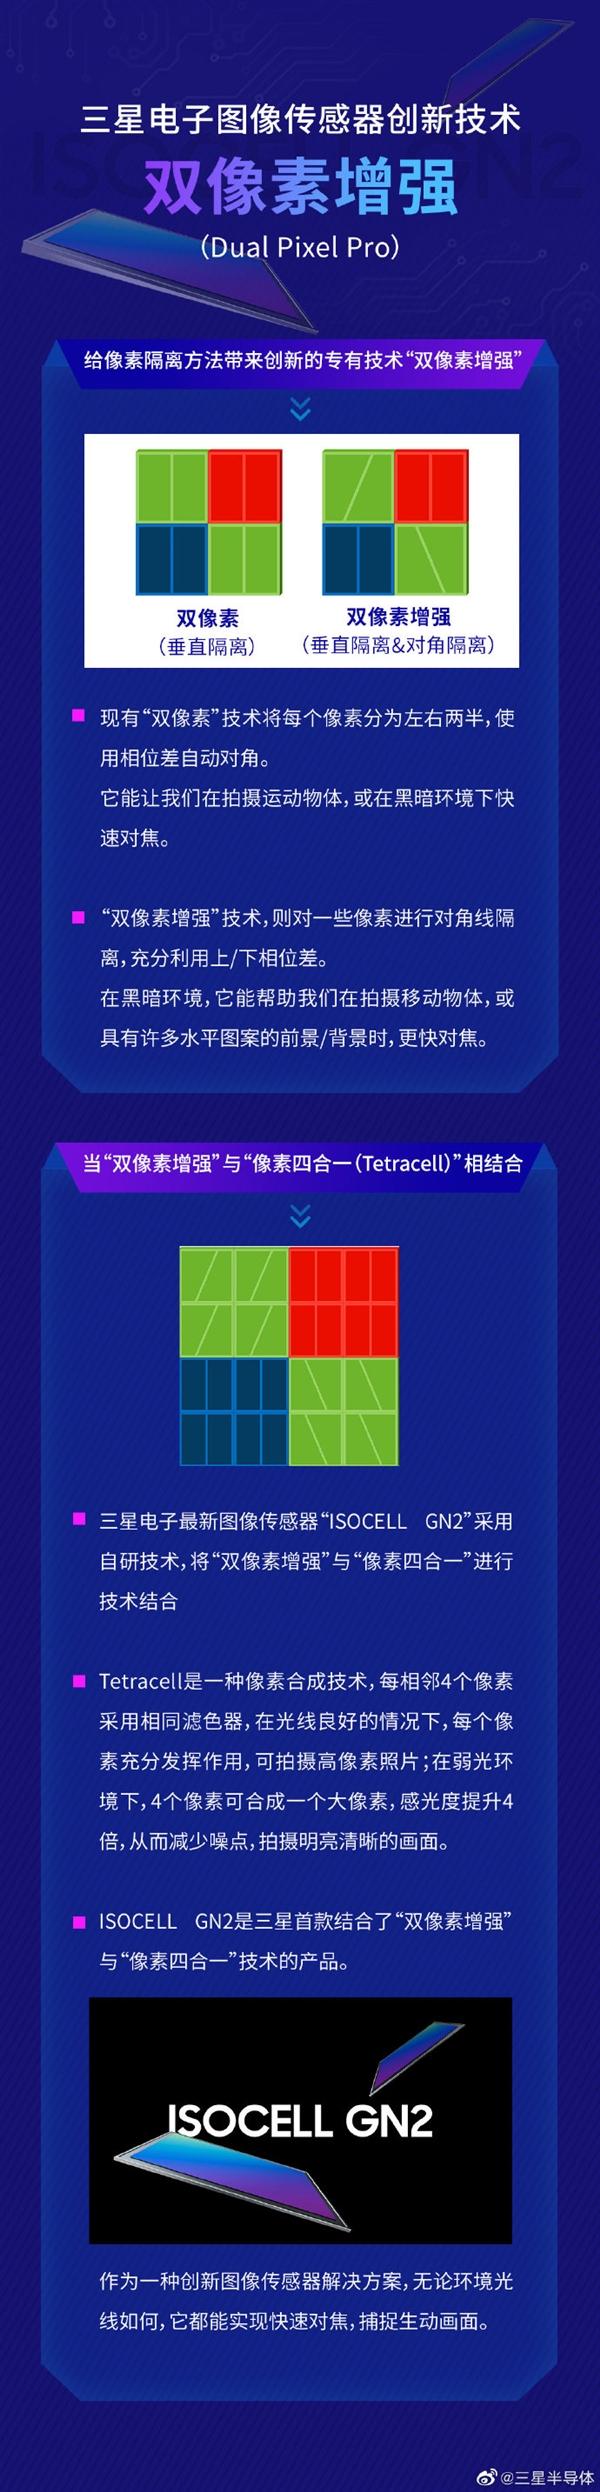 三星发布ISOCELL GN2传感器:1亿像素输出、1/1.12超大底